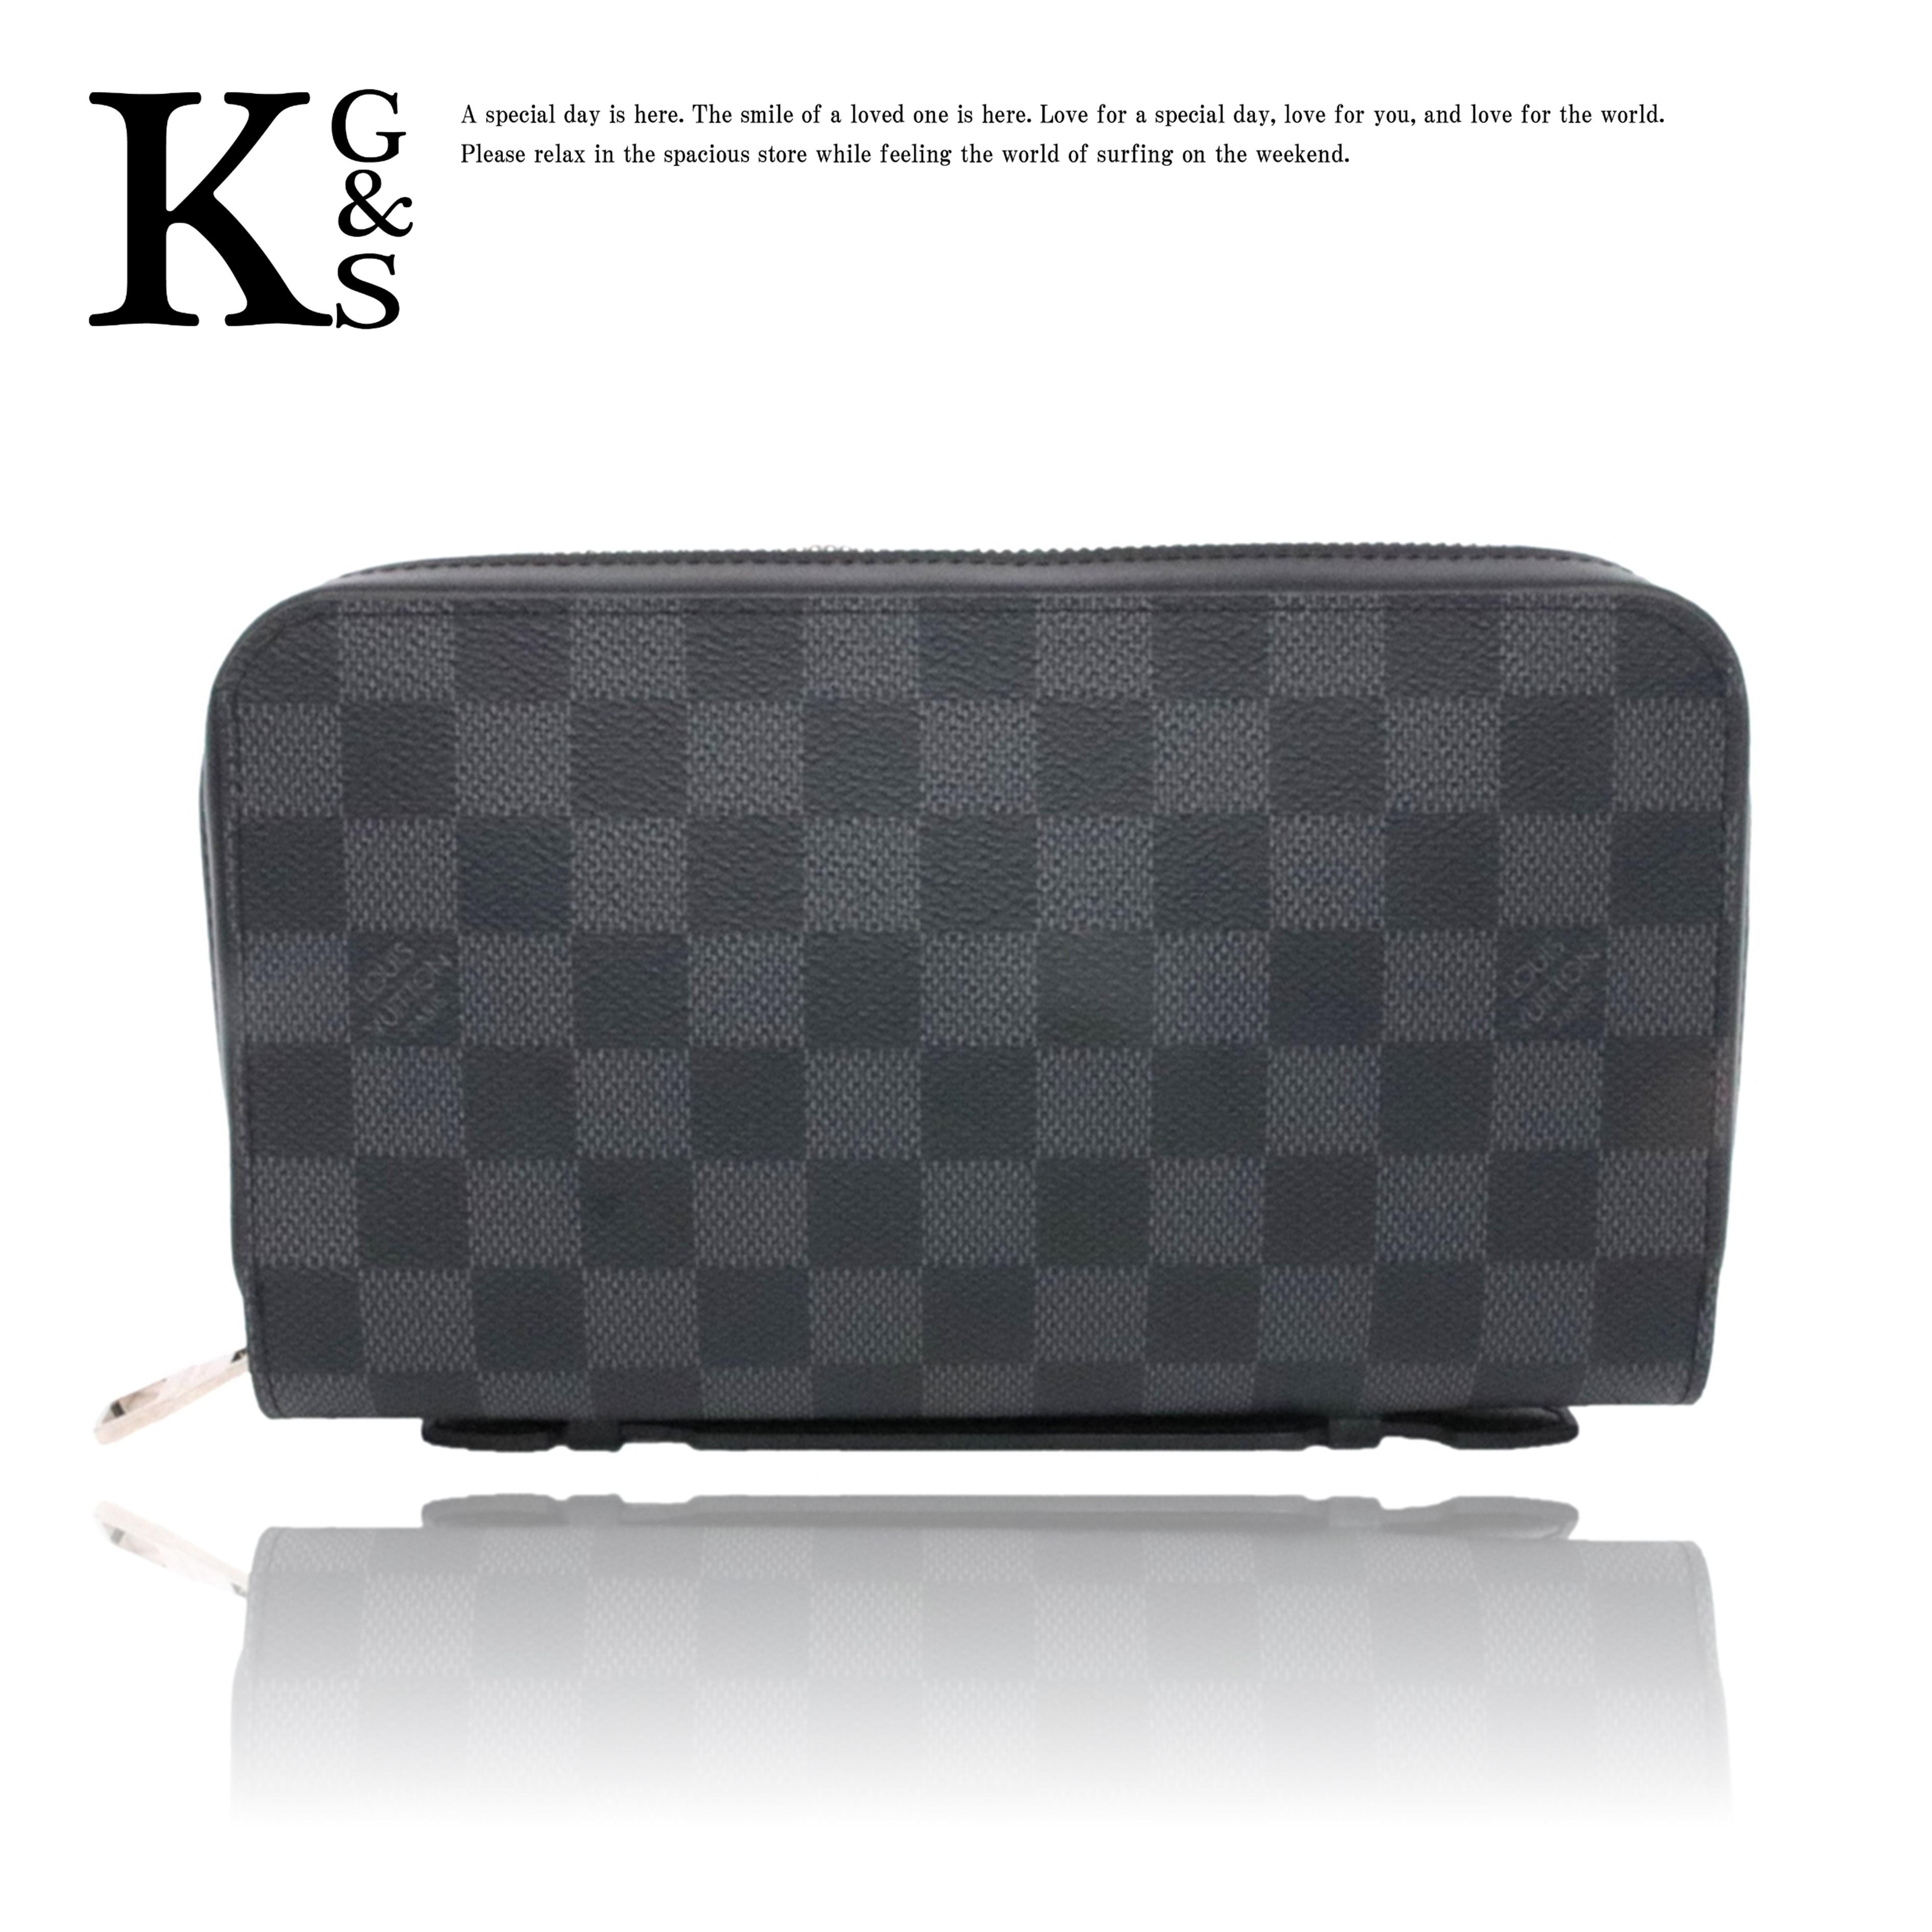 【ギフト品質】ルイヴィトン/Louis Vuitton メンズ ダミエ グラフィット ジッピーXL セカンドバッグ 長財布 N41503